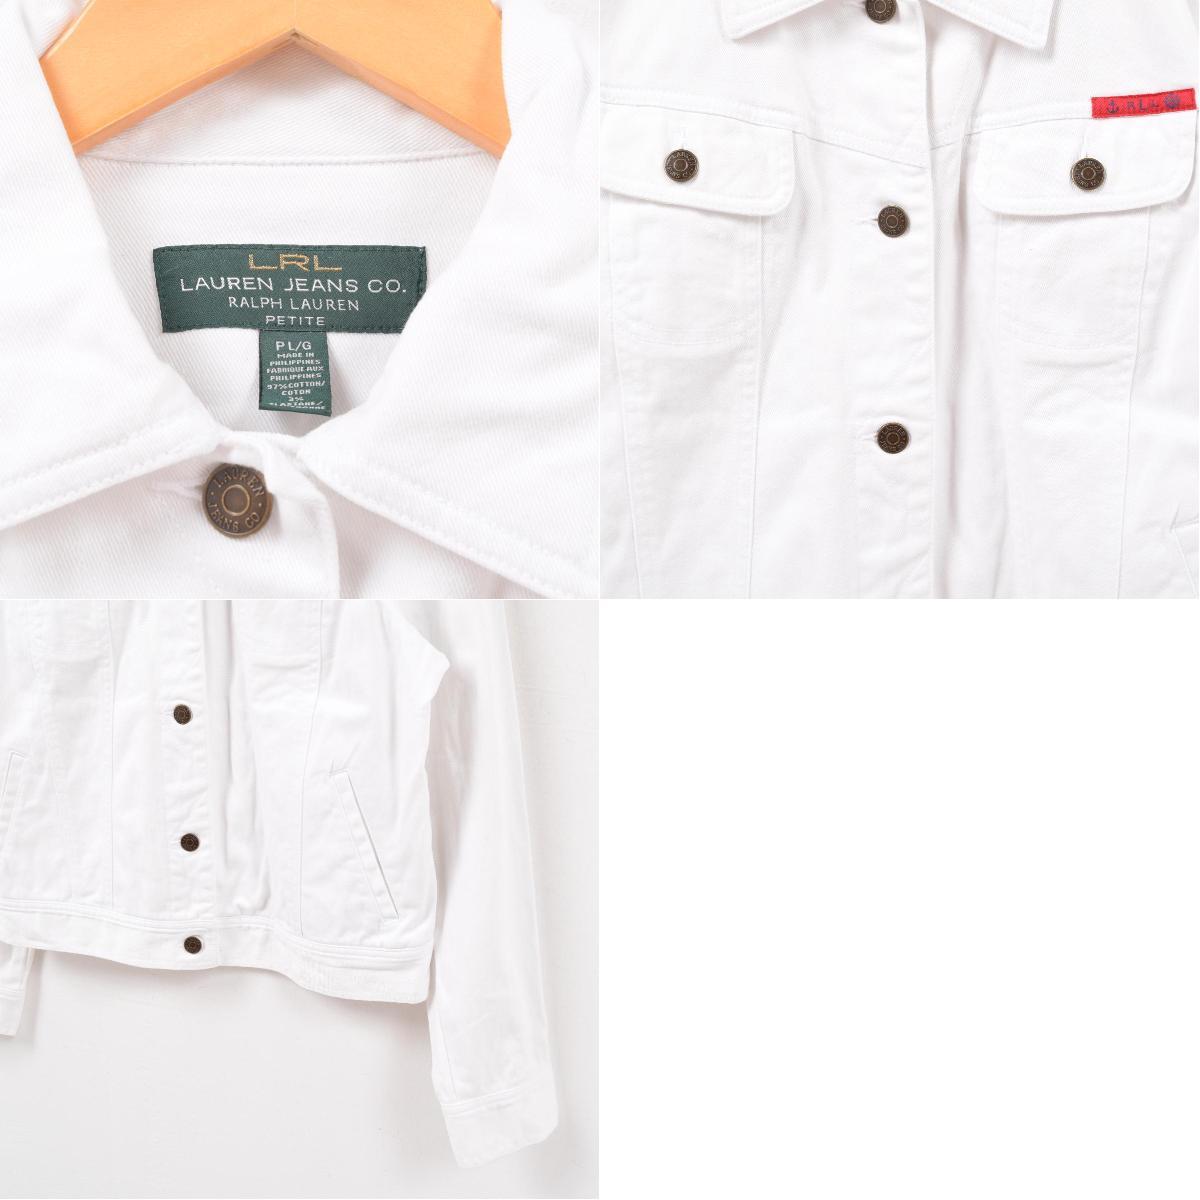 5a2cab350 Ralph Lauren Ralph Lauren LAUREN JEANS CO white denim jacket G Jean Lady s L   wbb0872